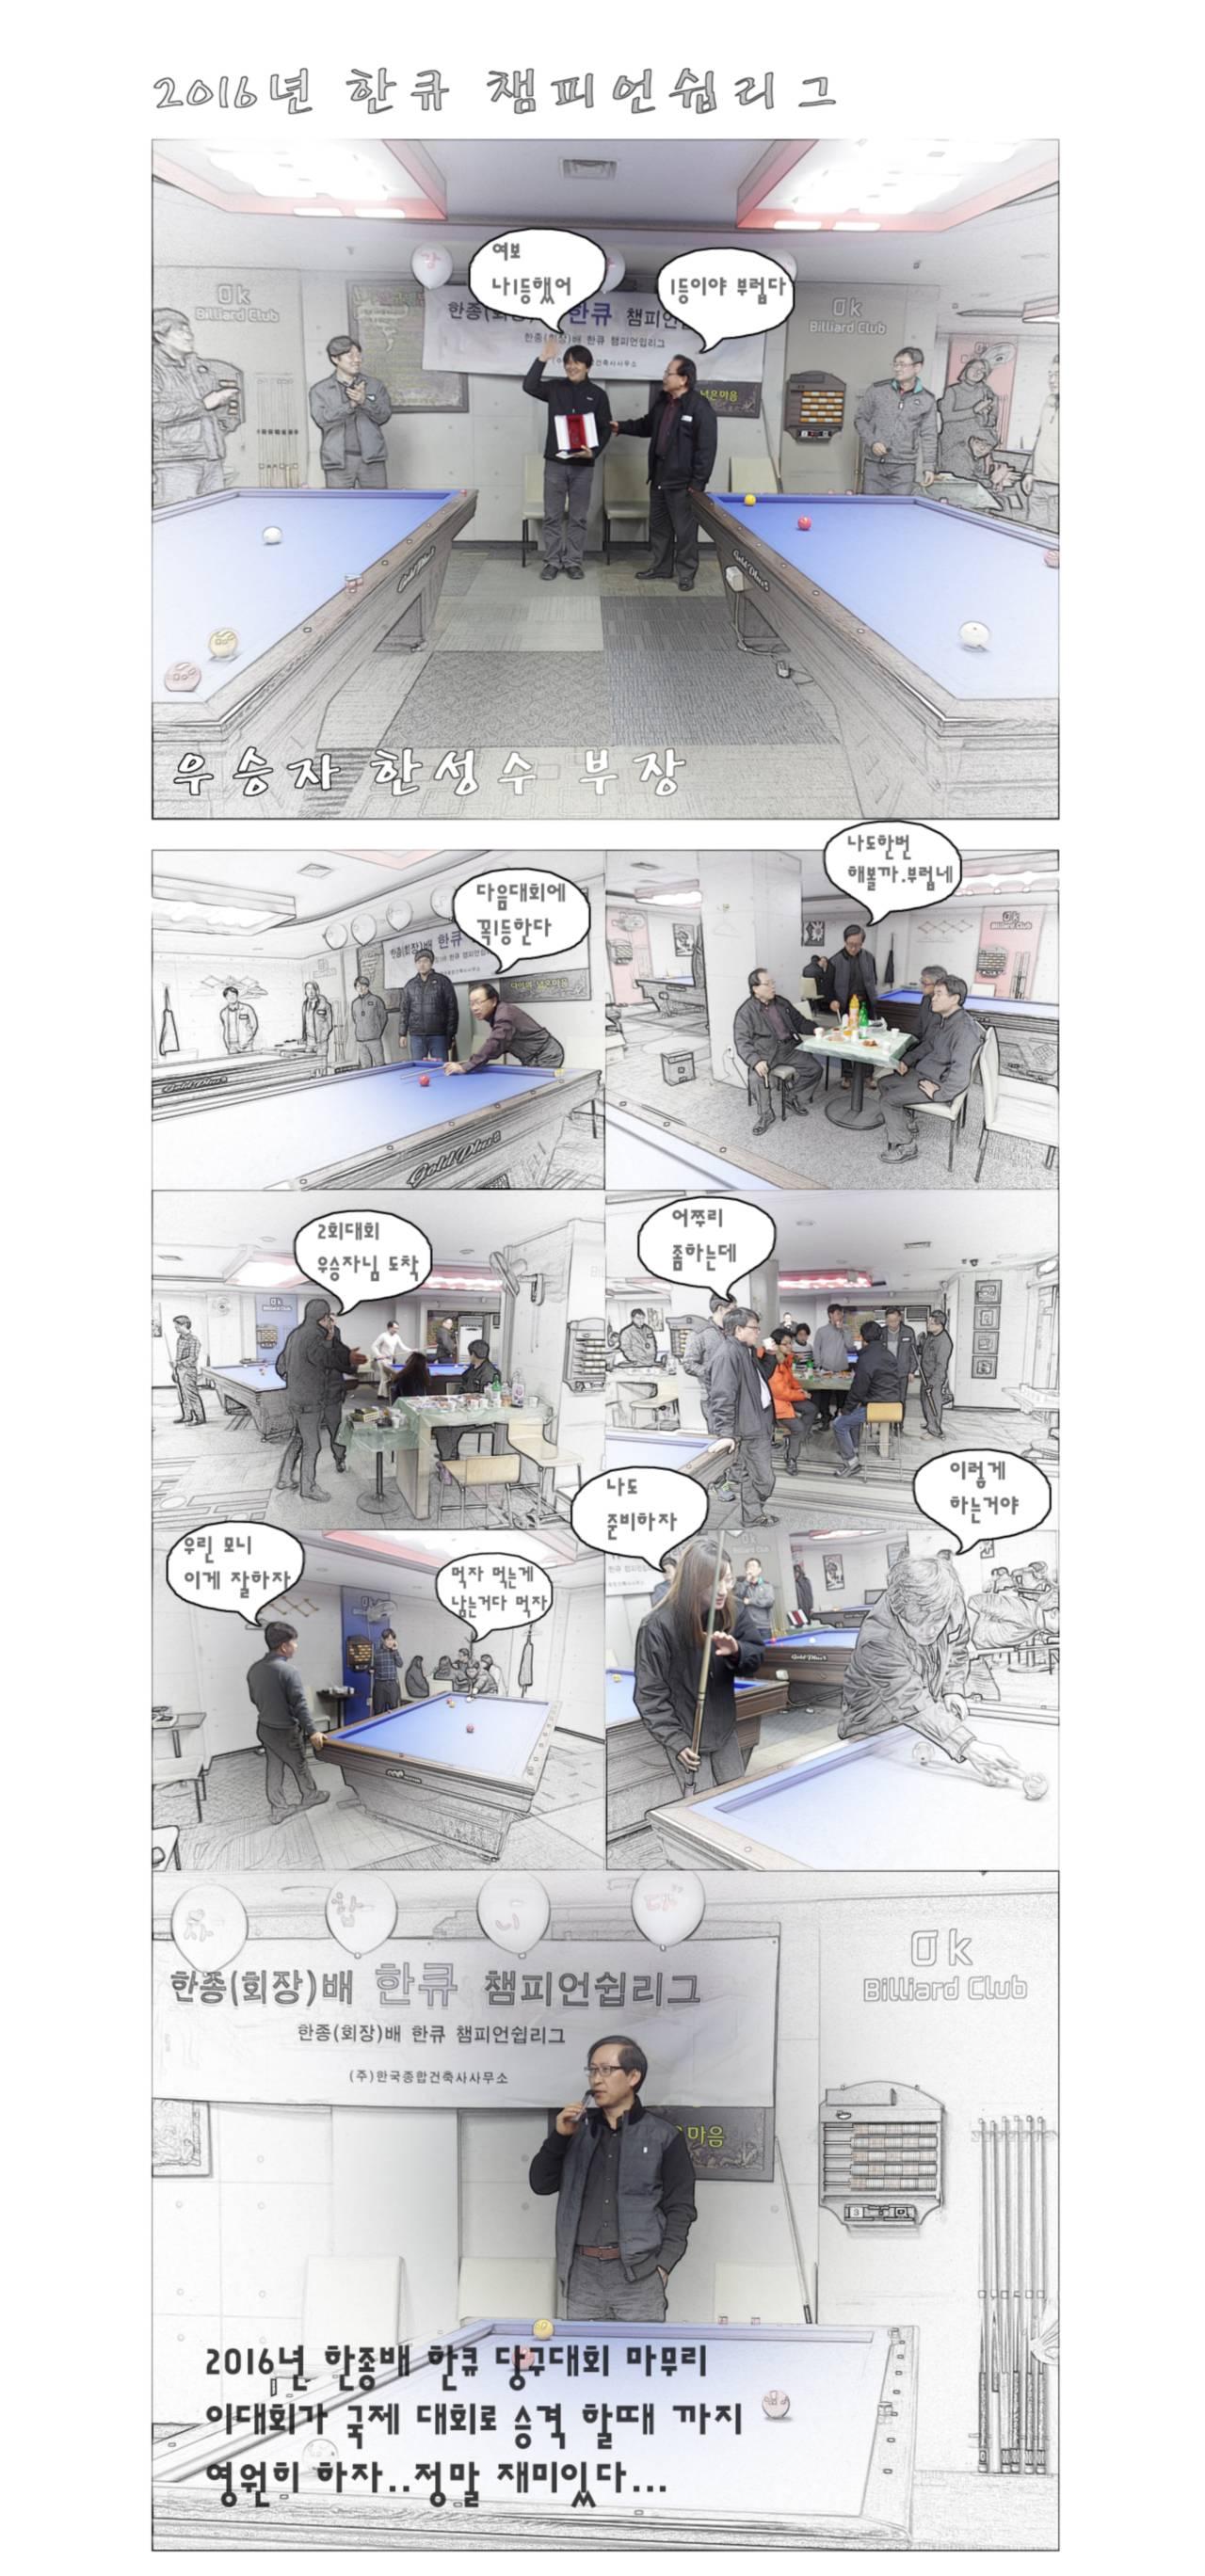 homepage_2016년한종배 한큐 설 명절 대회